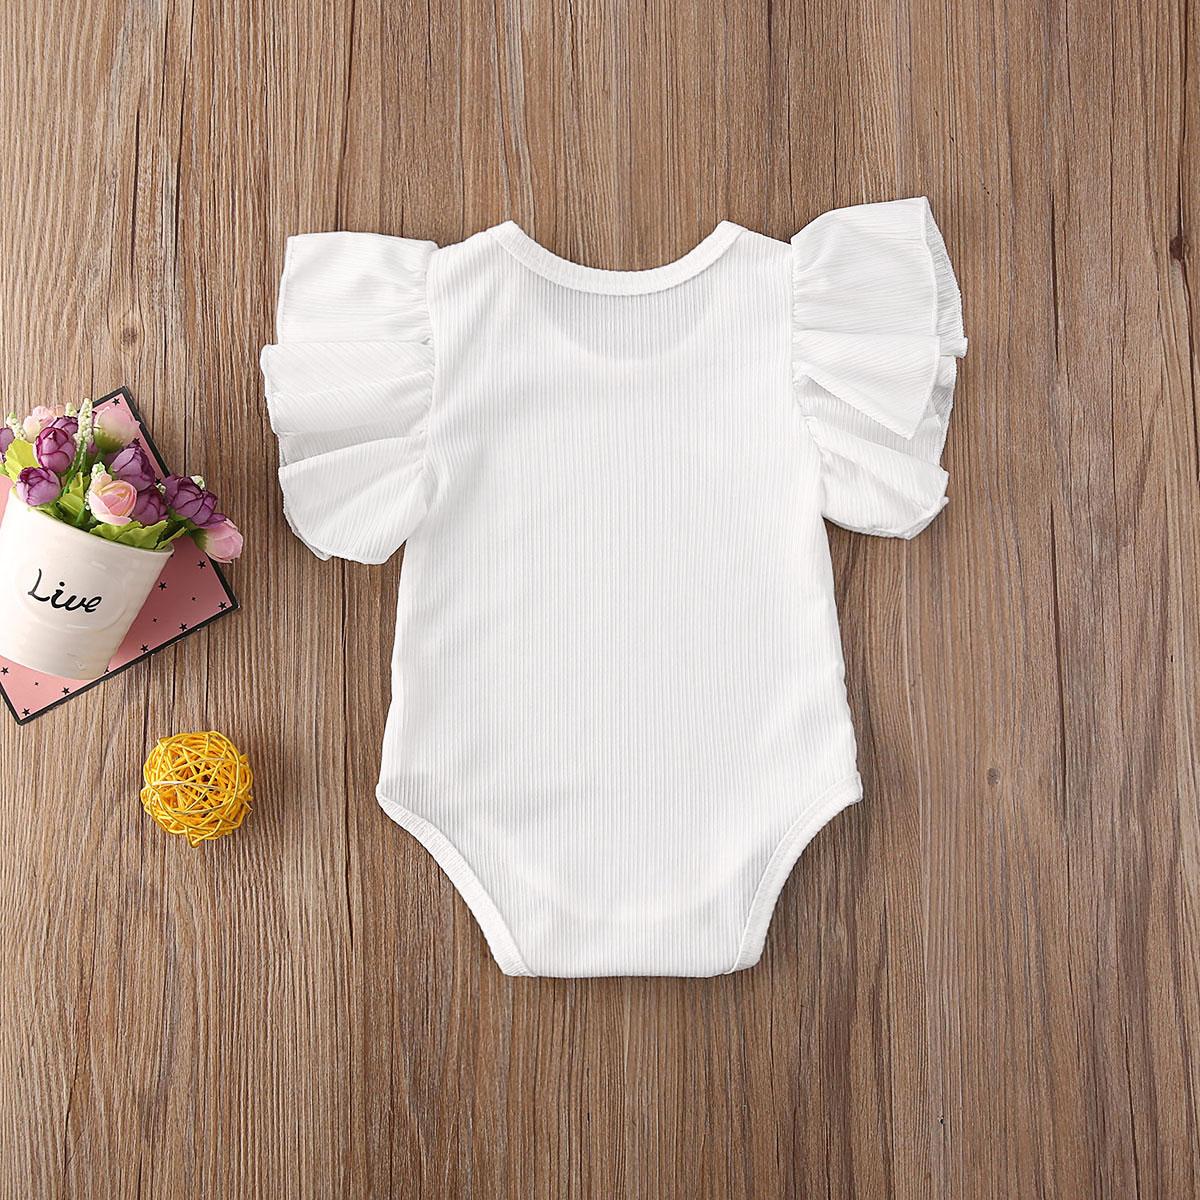 Боди для новорожденных, комплект для малышей, комплект одежды для маленьких девочек хлопковый боди с короткими рукавами, костюм, Комплект детской одежды девочек пляжный костюм детский комплект одежды 3